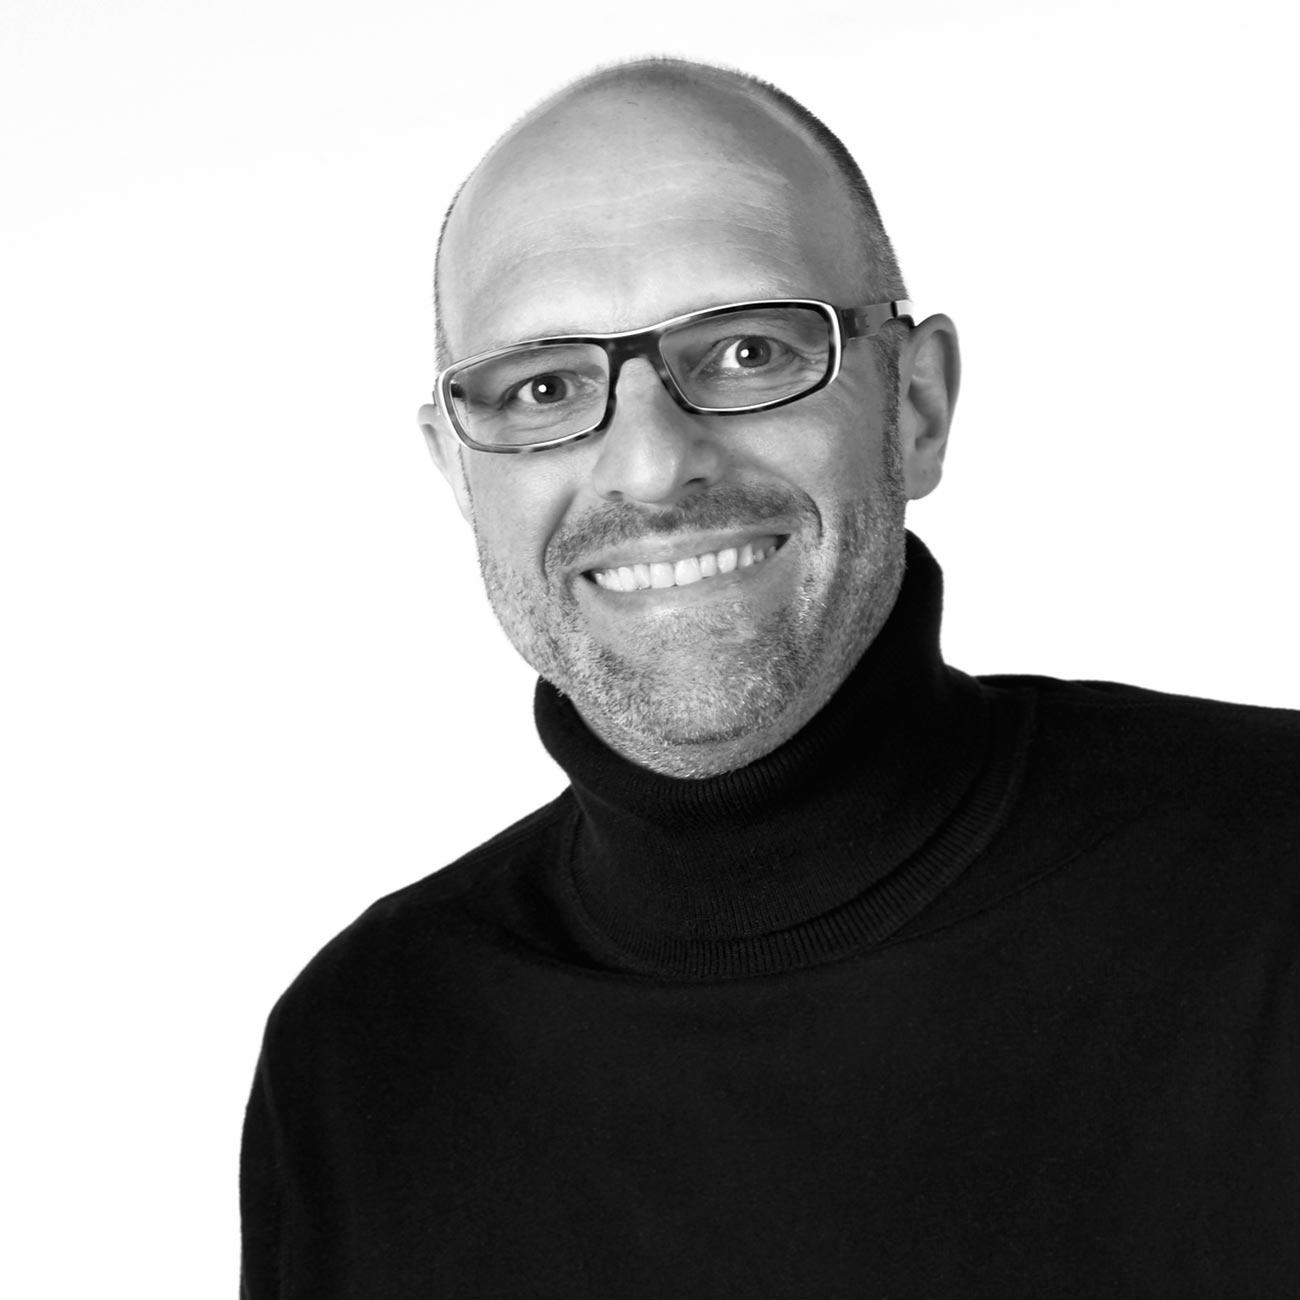 Businessfotos, Mann, schwarz-weiß